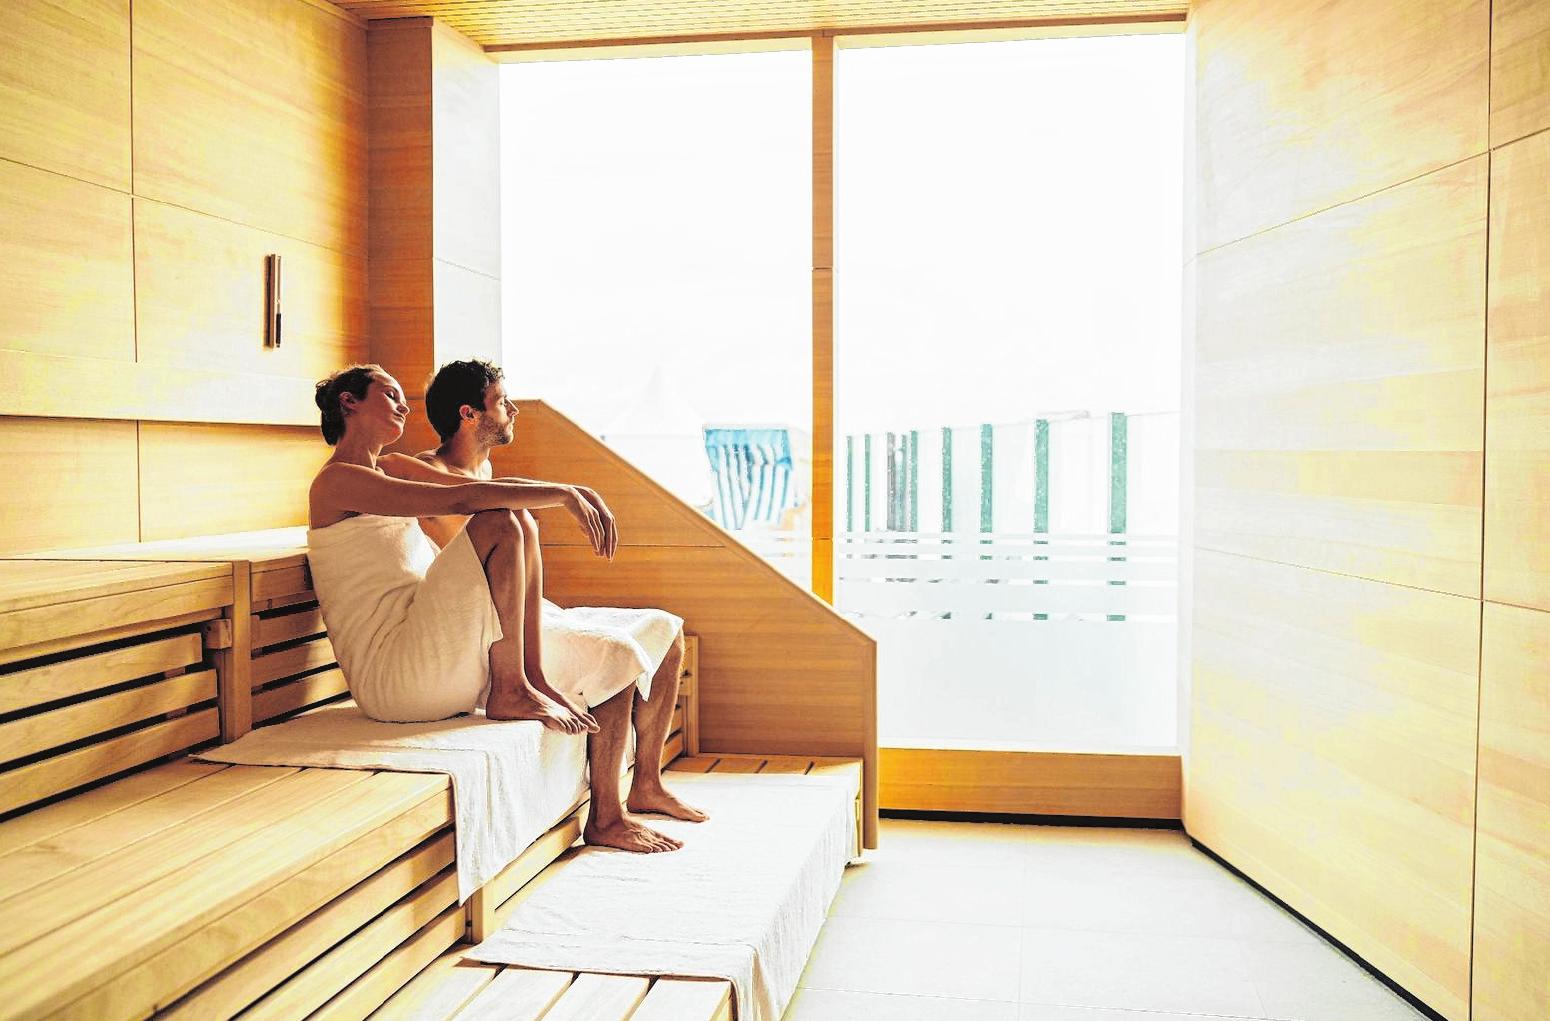 Regelmäßige Saunabesuche stärken das Immunsystem, regen den Stoffwechsel an und sind ganz nebenbei sehr gut für die Haut. FOTO: AJA RESORTS/AKZ-O